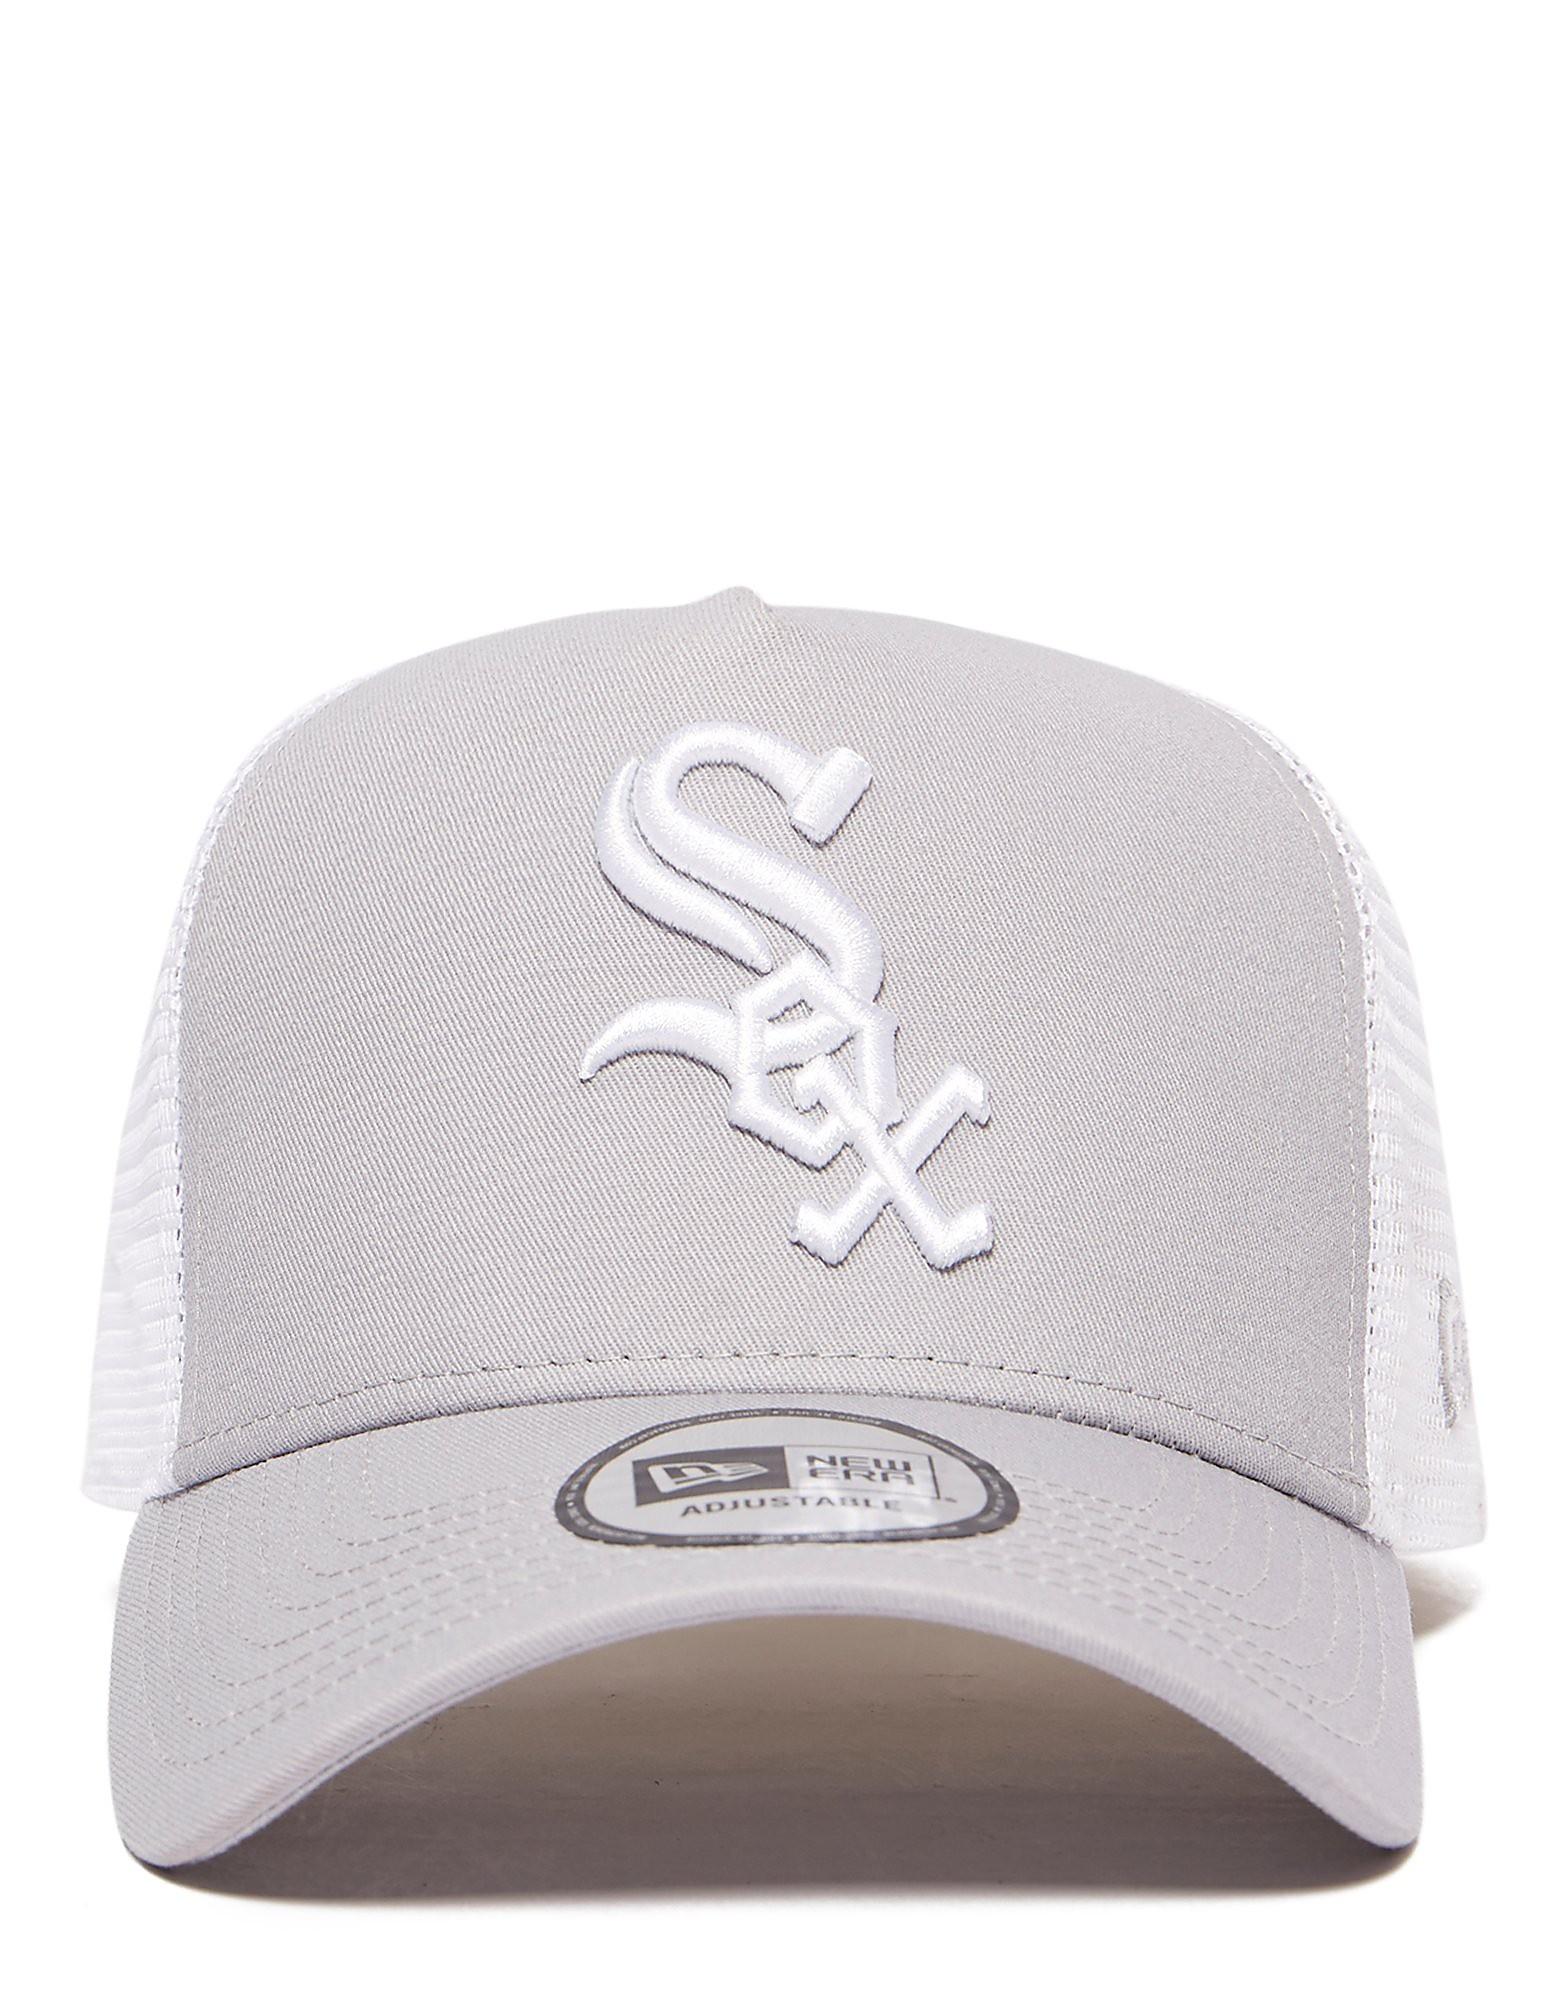 New Era Chicago White Sox Trucker Cap